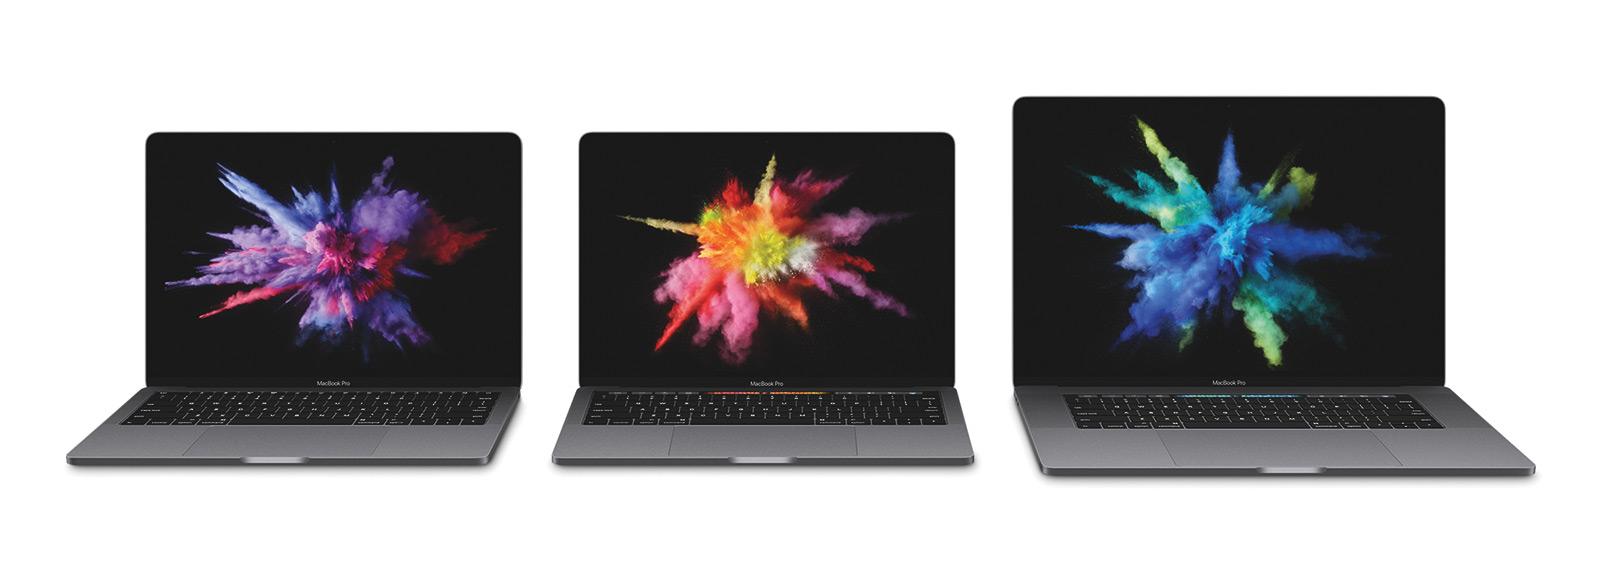 Apple MacBook Pro 15- und 13-Zoll